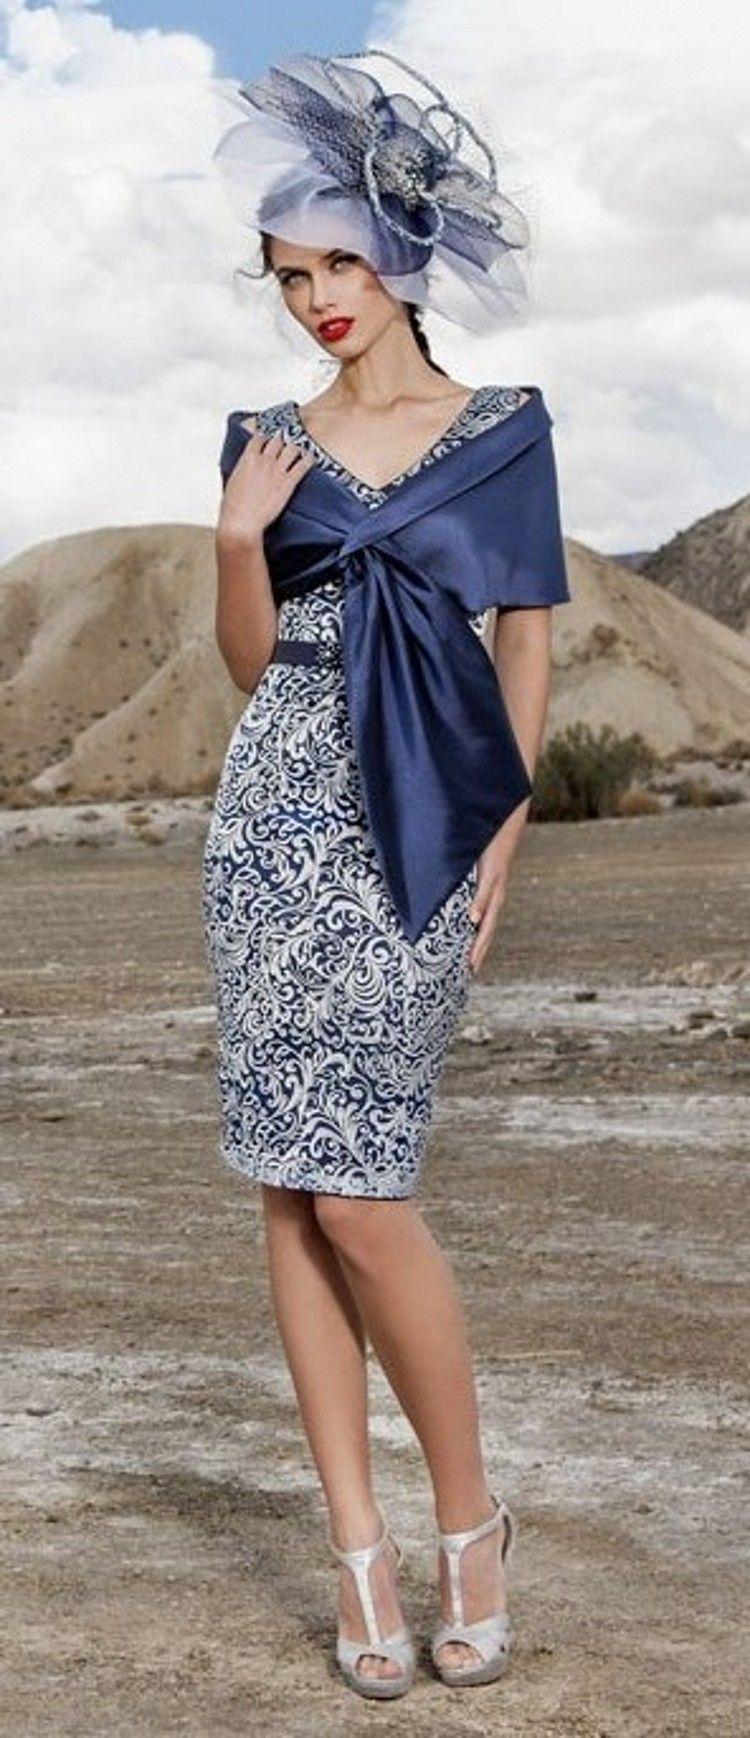 Bleu marine mère de la mariée robes v cou sans manches gaine en dentelle longueur de genou blanc robes de mariage élégant avec veste